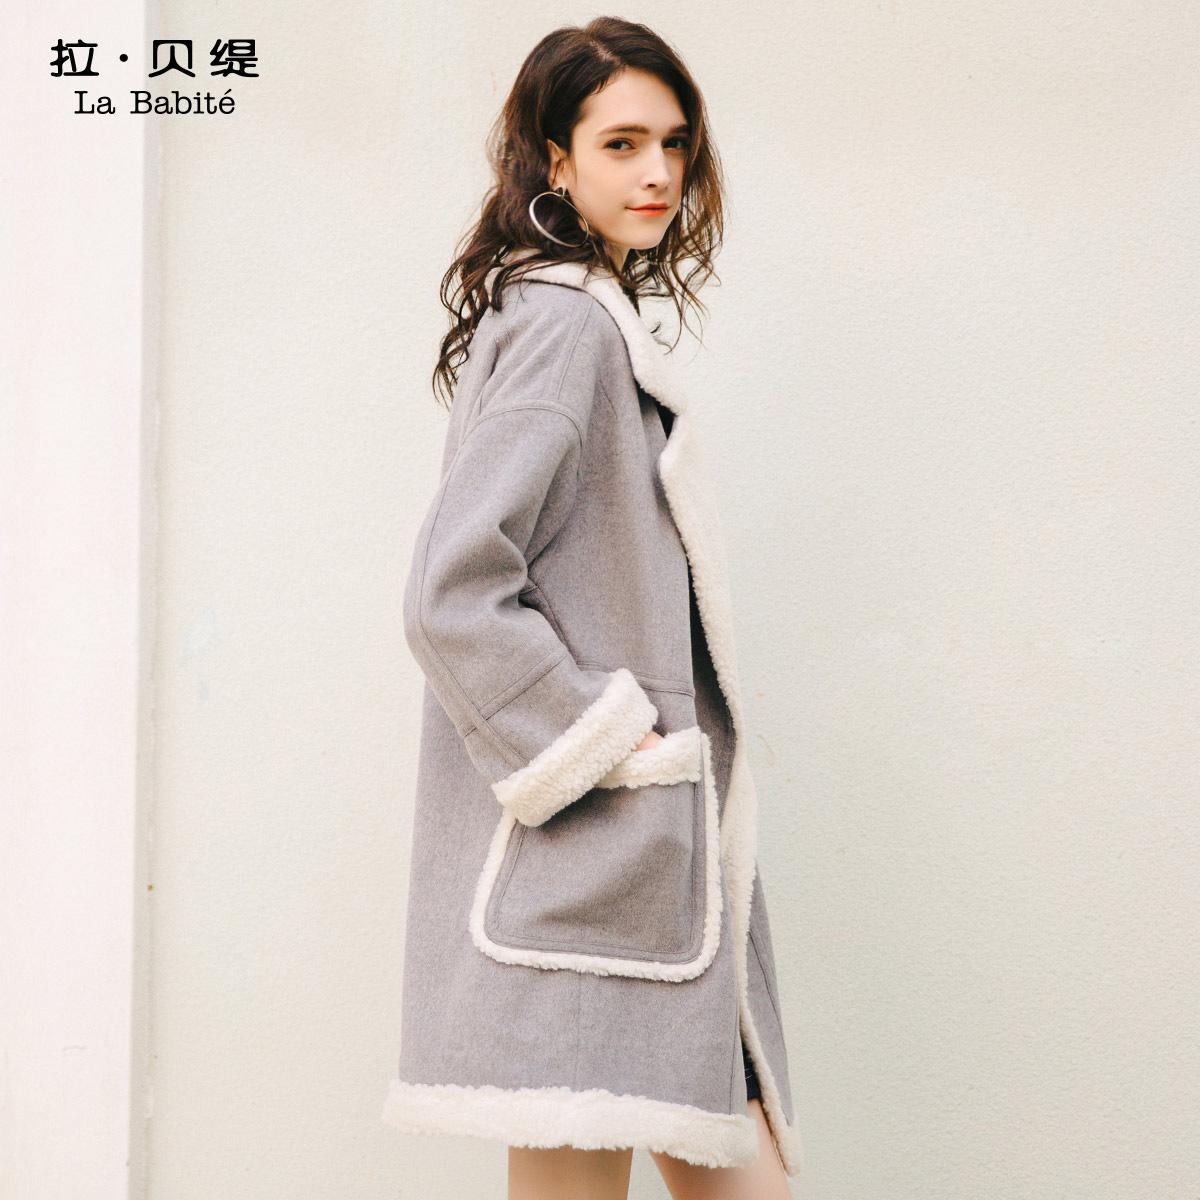 羊羔毛外套2017秋冬季新款韩版原宿风学生中长款羊毛呢子大衣女装